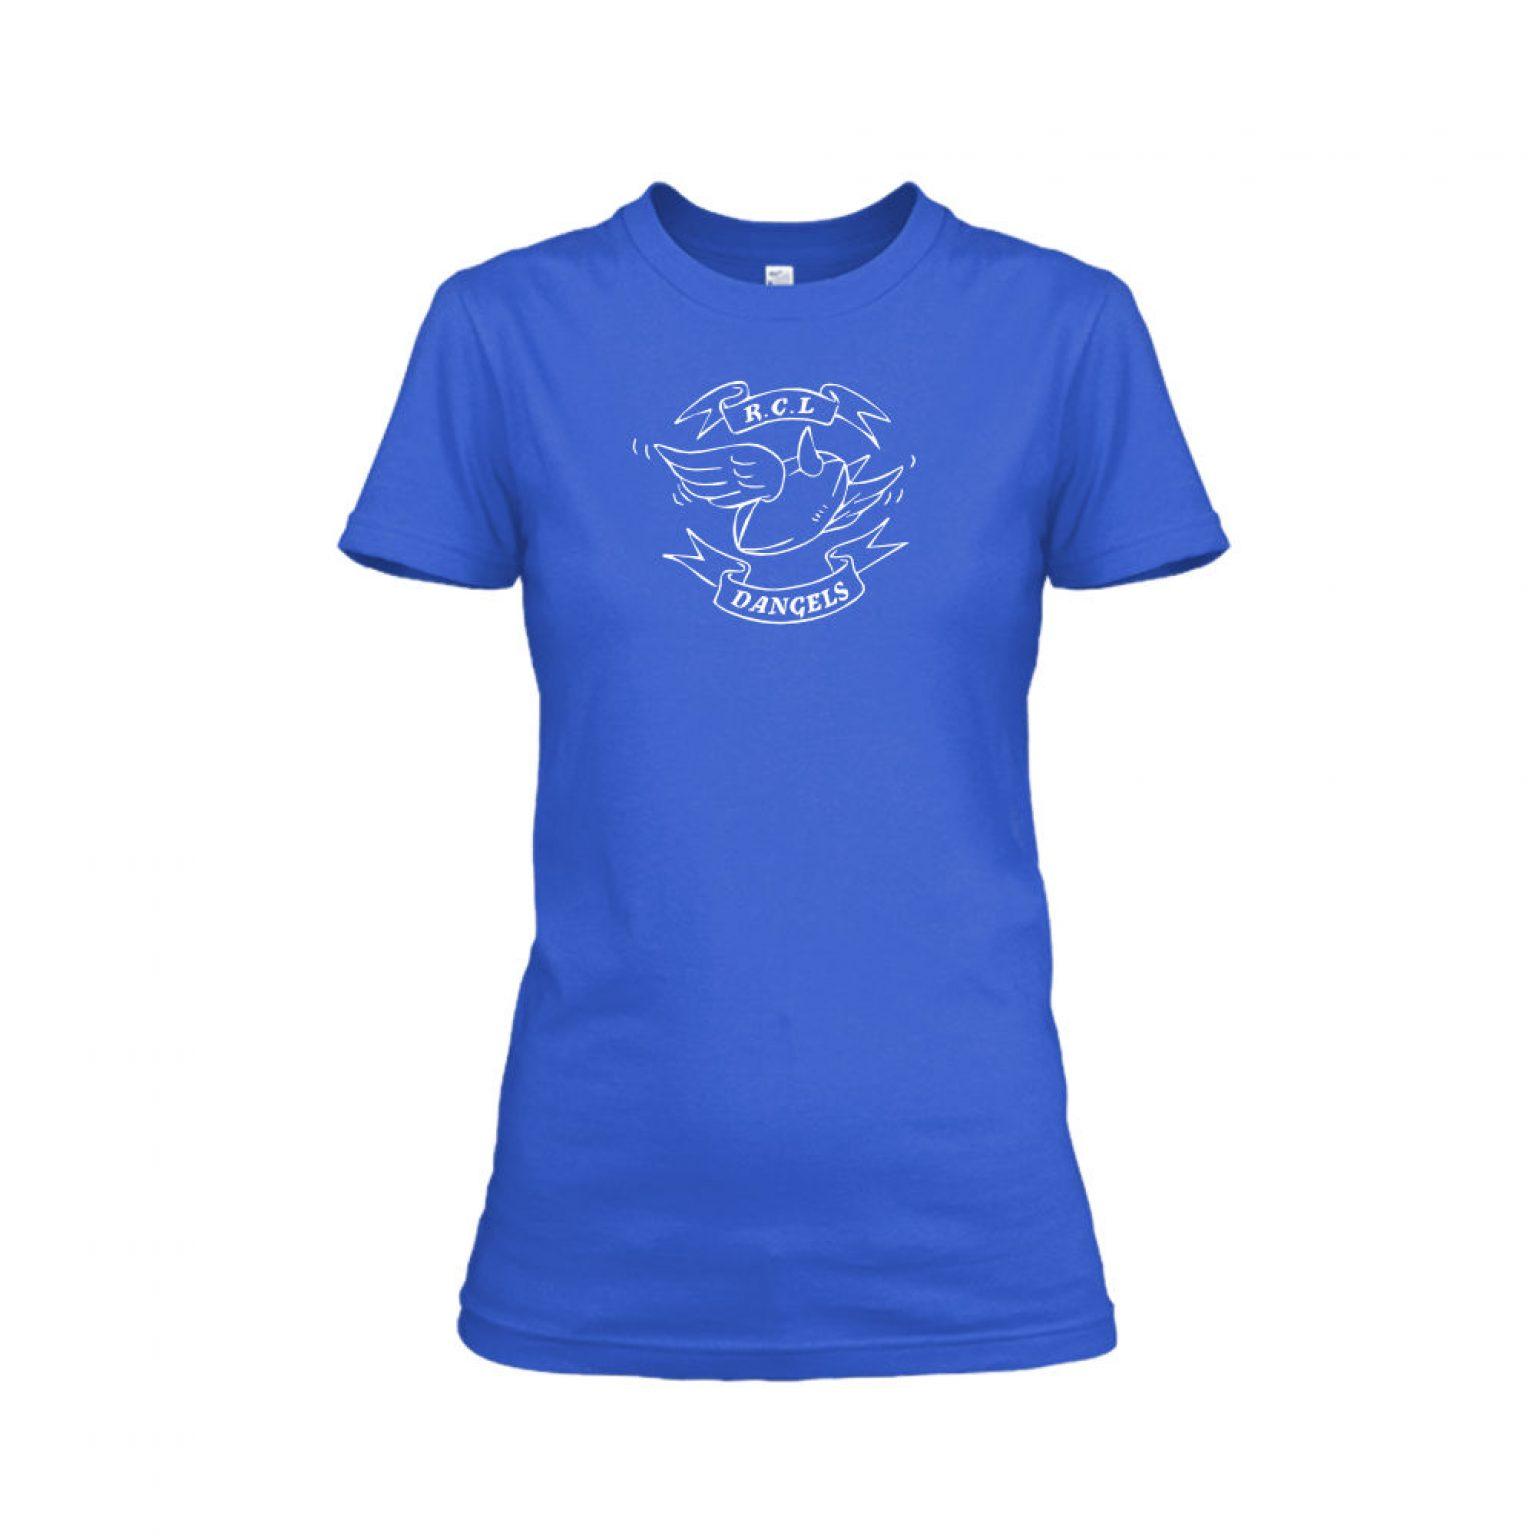 Dangels classic damen shirt blue